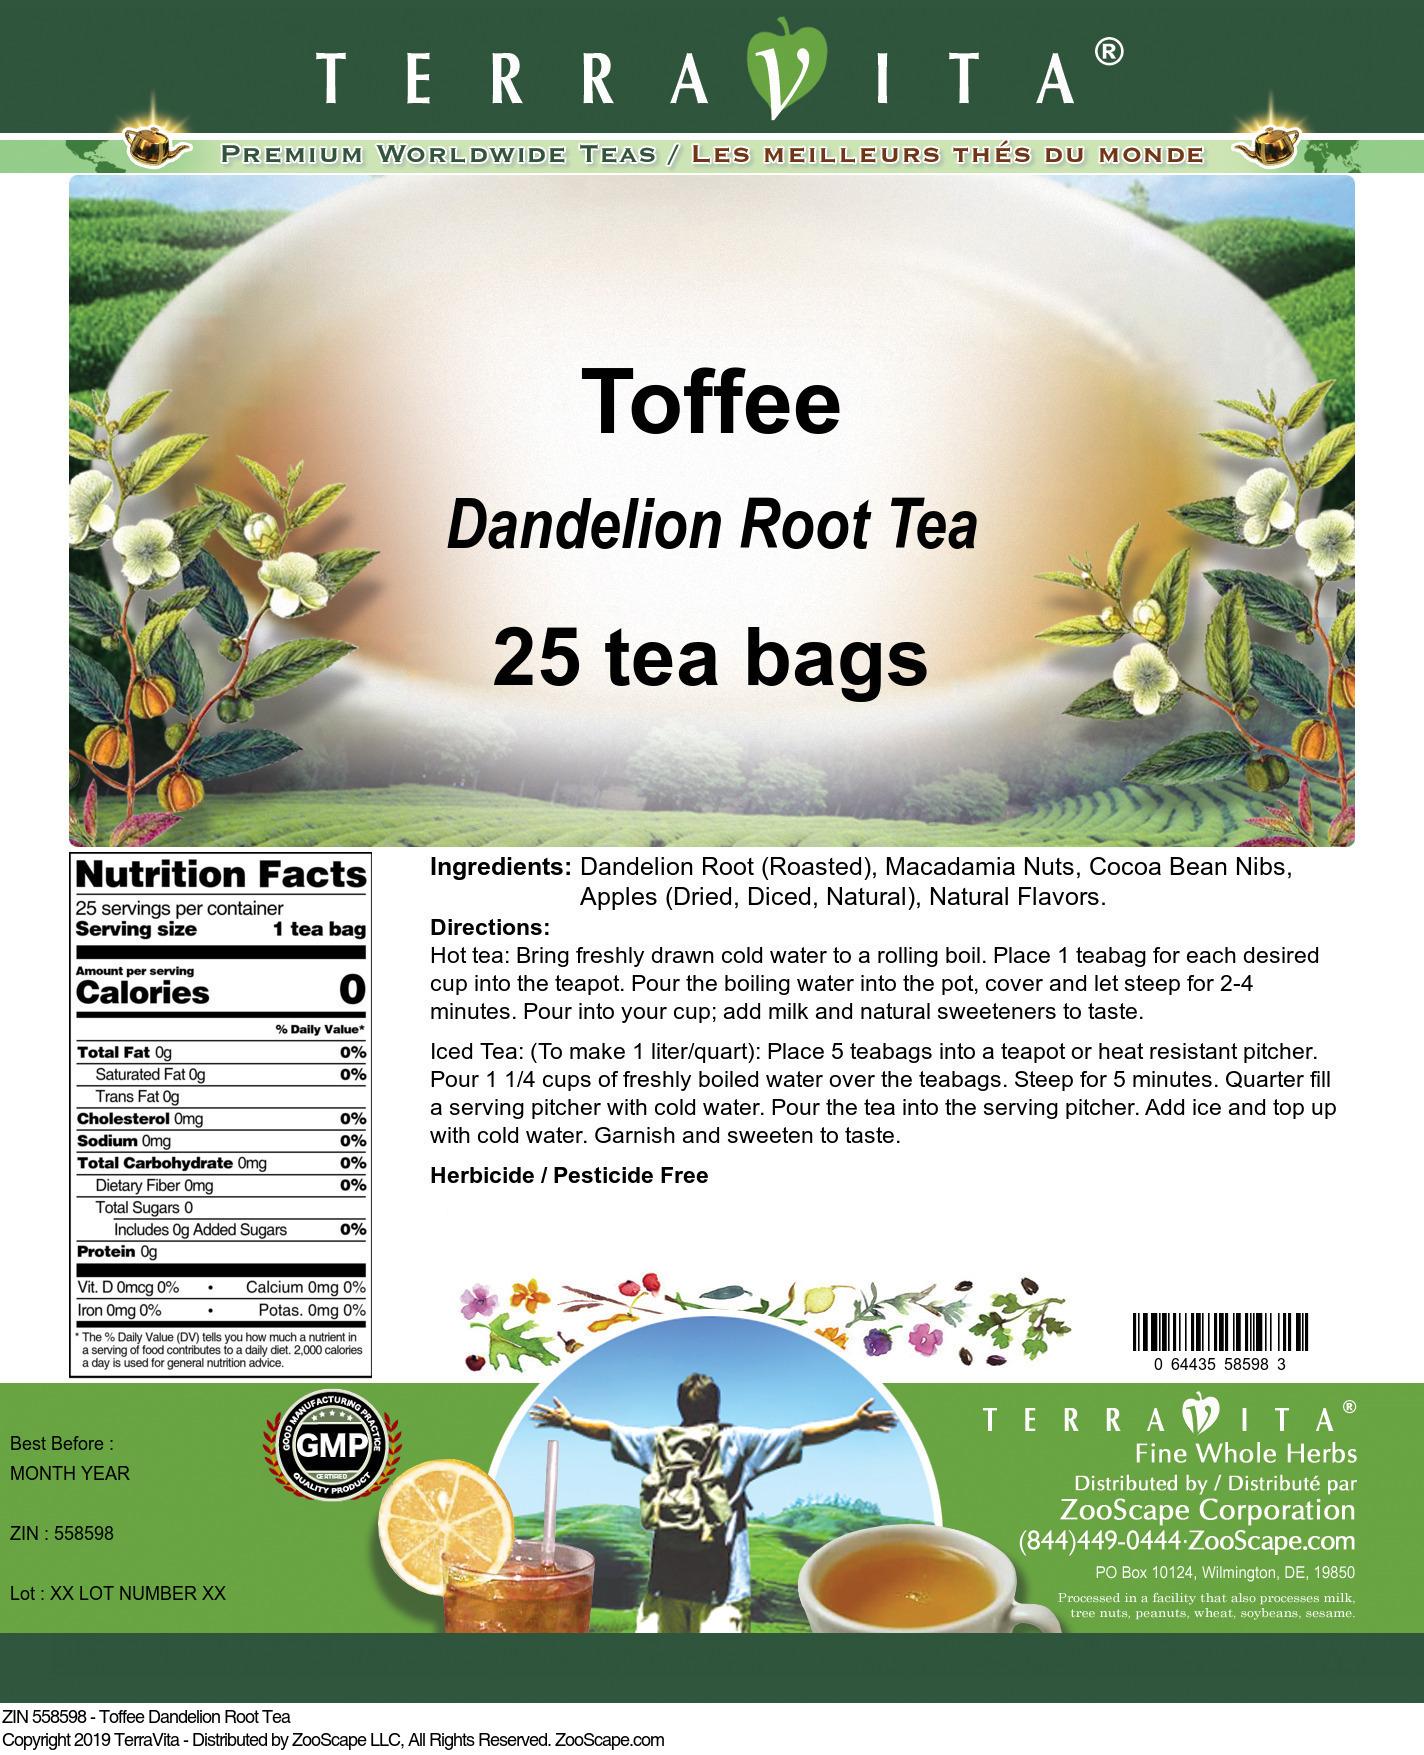 Toffee Dandelion Root